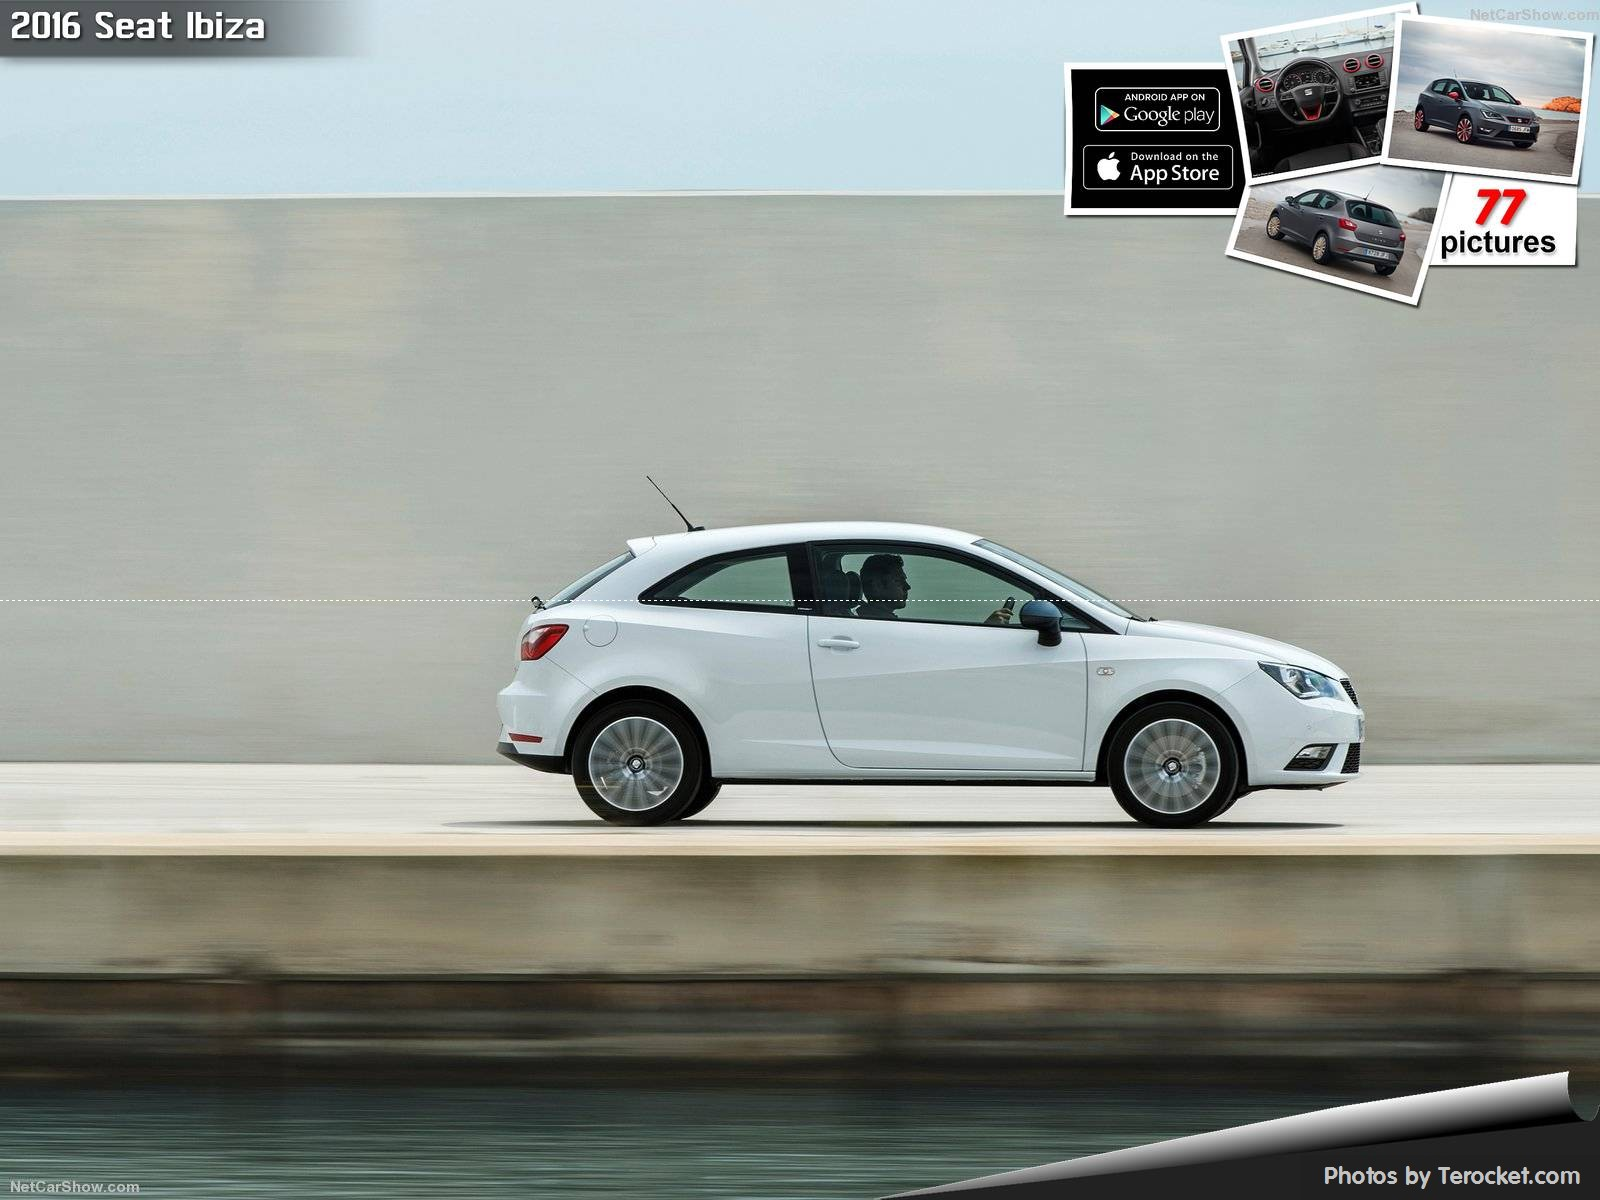 Hình ảnh xe ô tô Seat Ibiza 2016 & nội ngoại thất